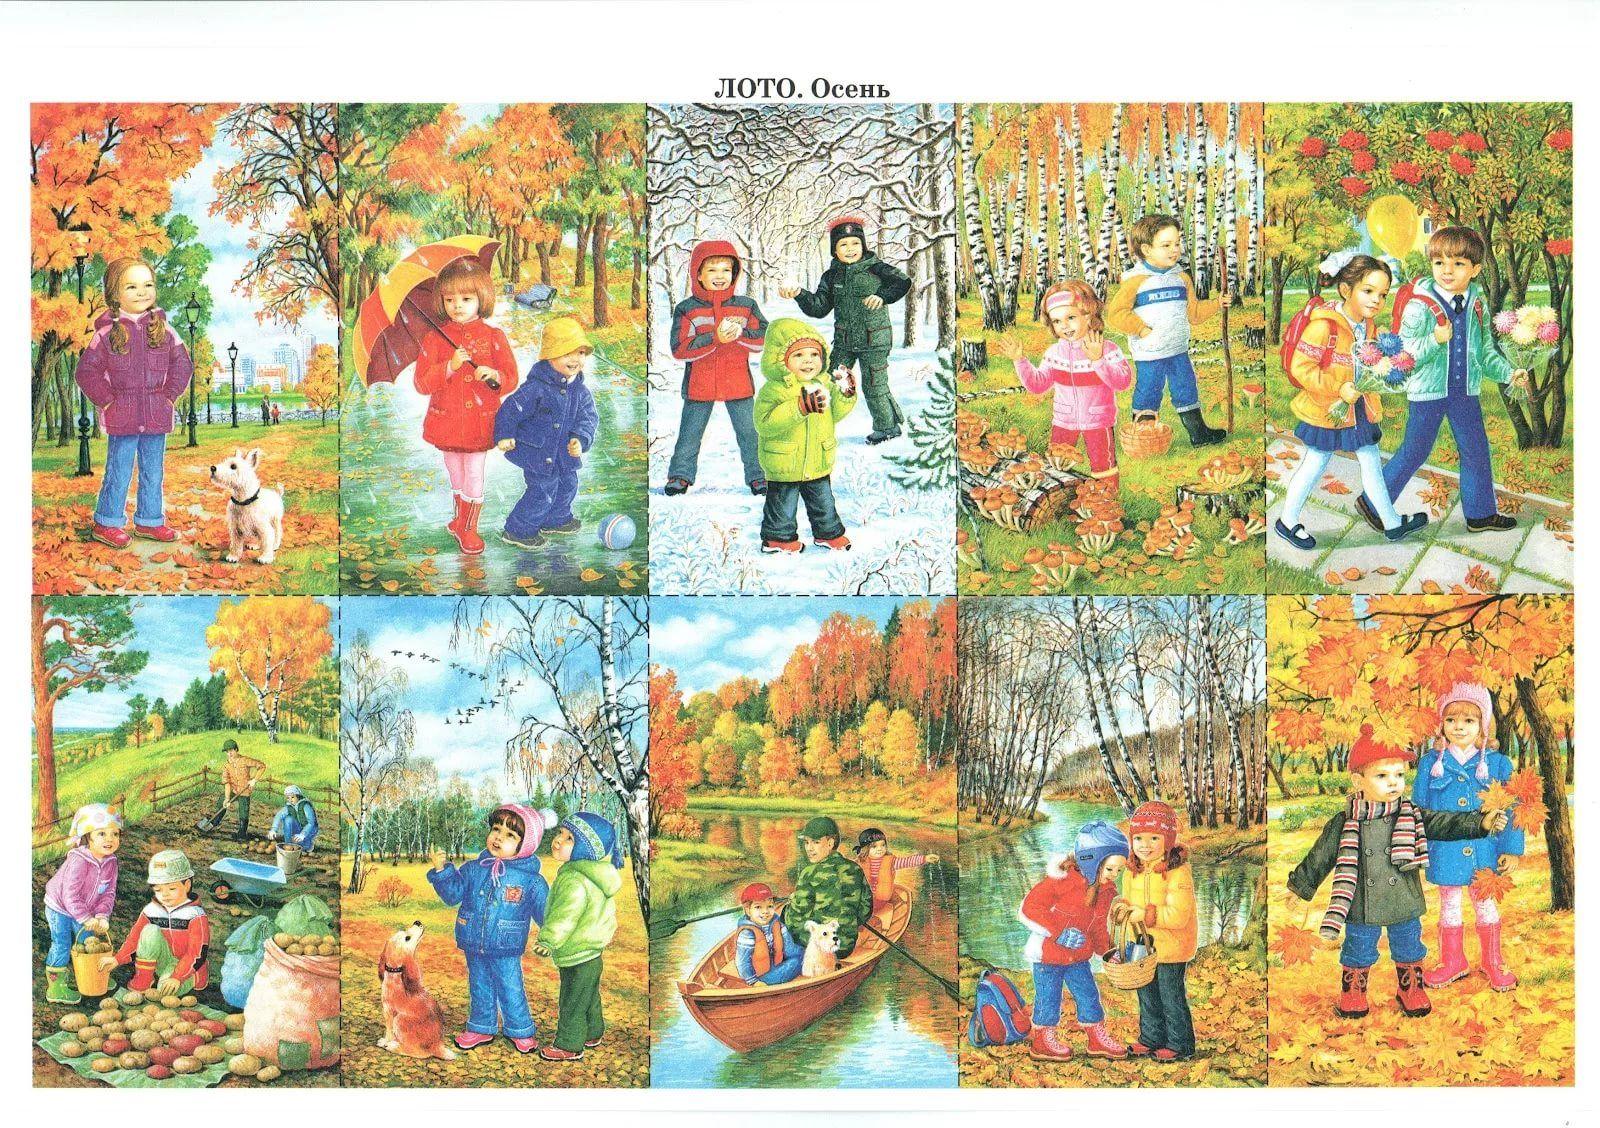 Рассказы по сюжетным картинкам осень